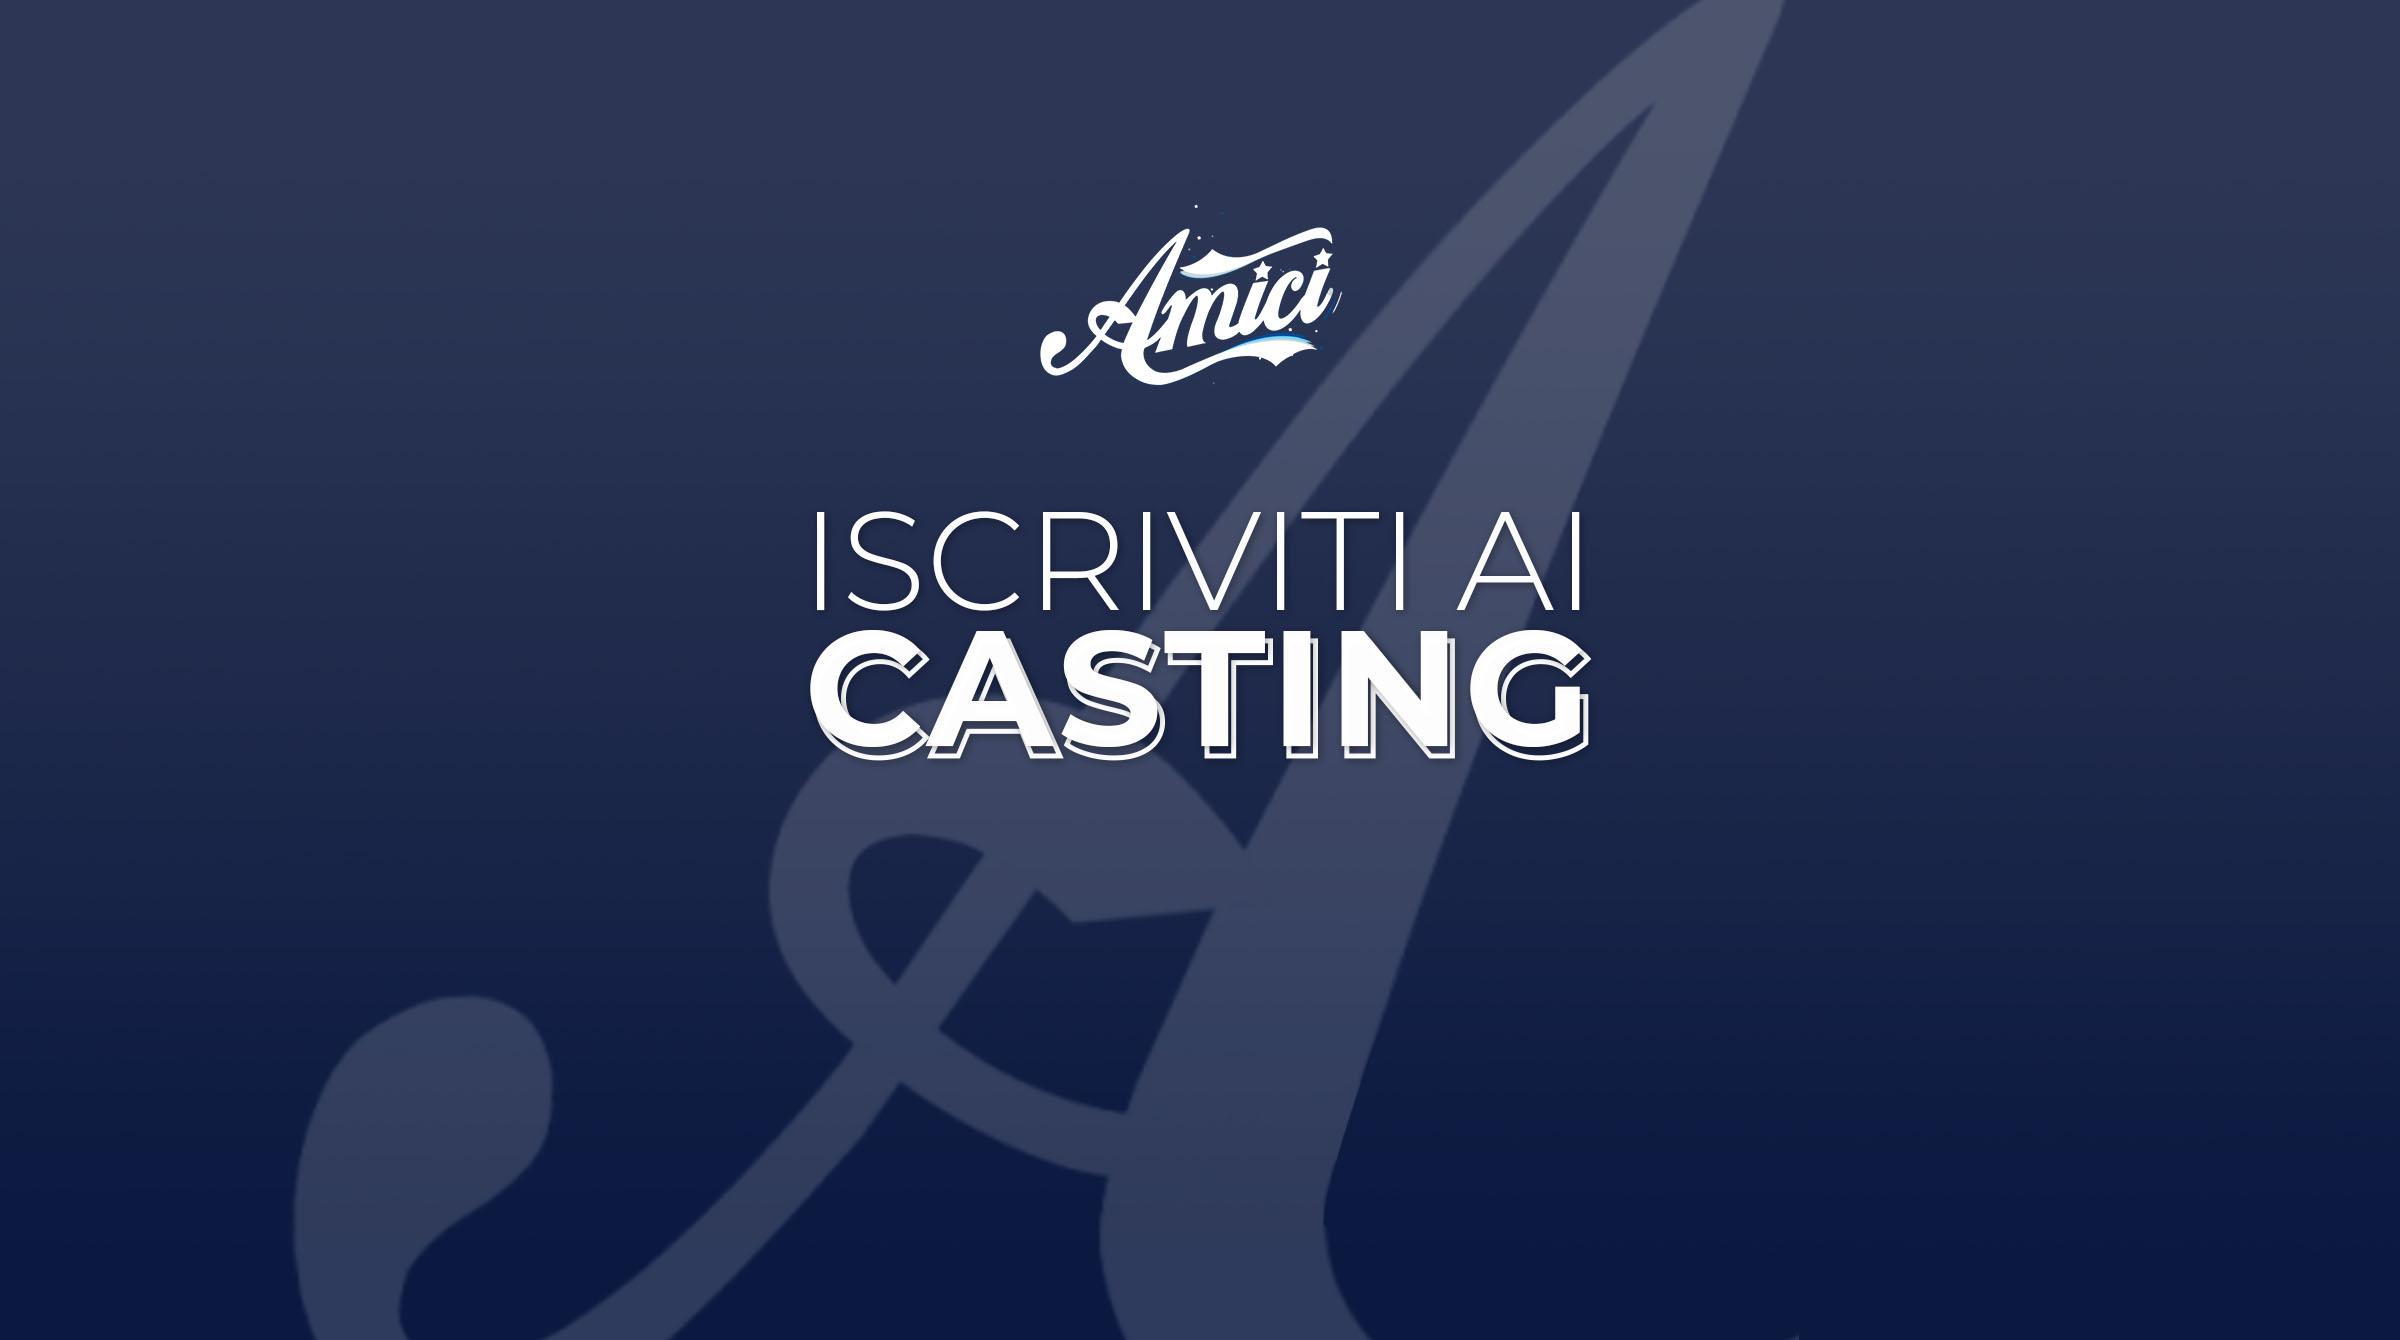 2021_AMICI_SLIDER casting aperti